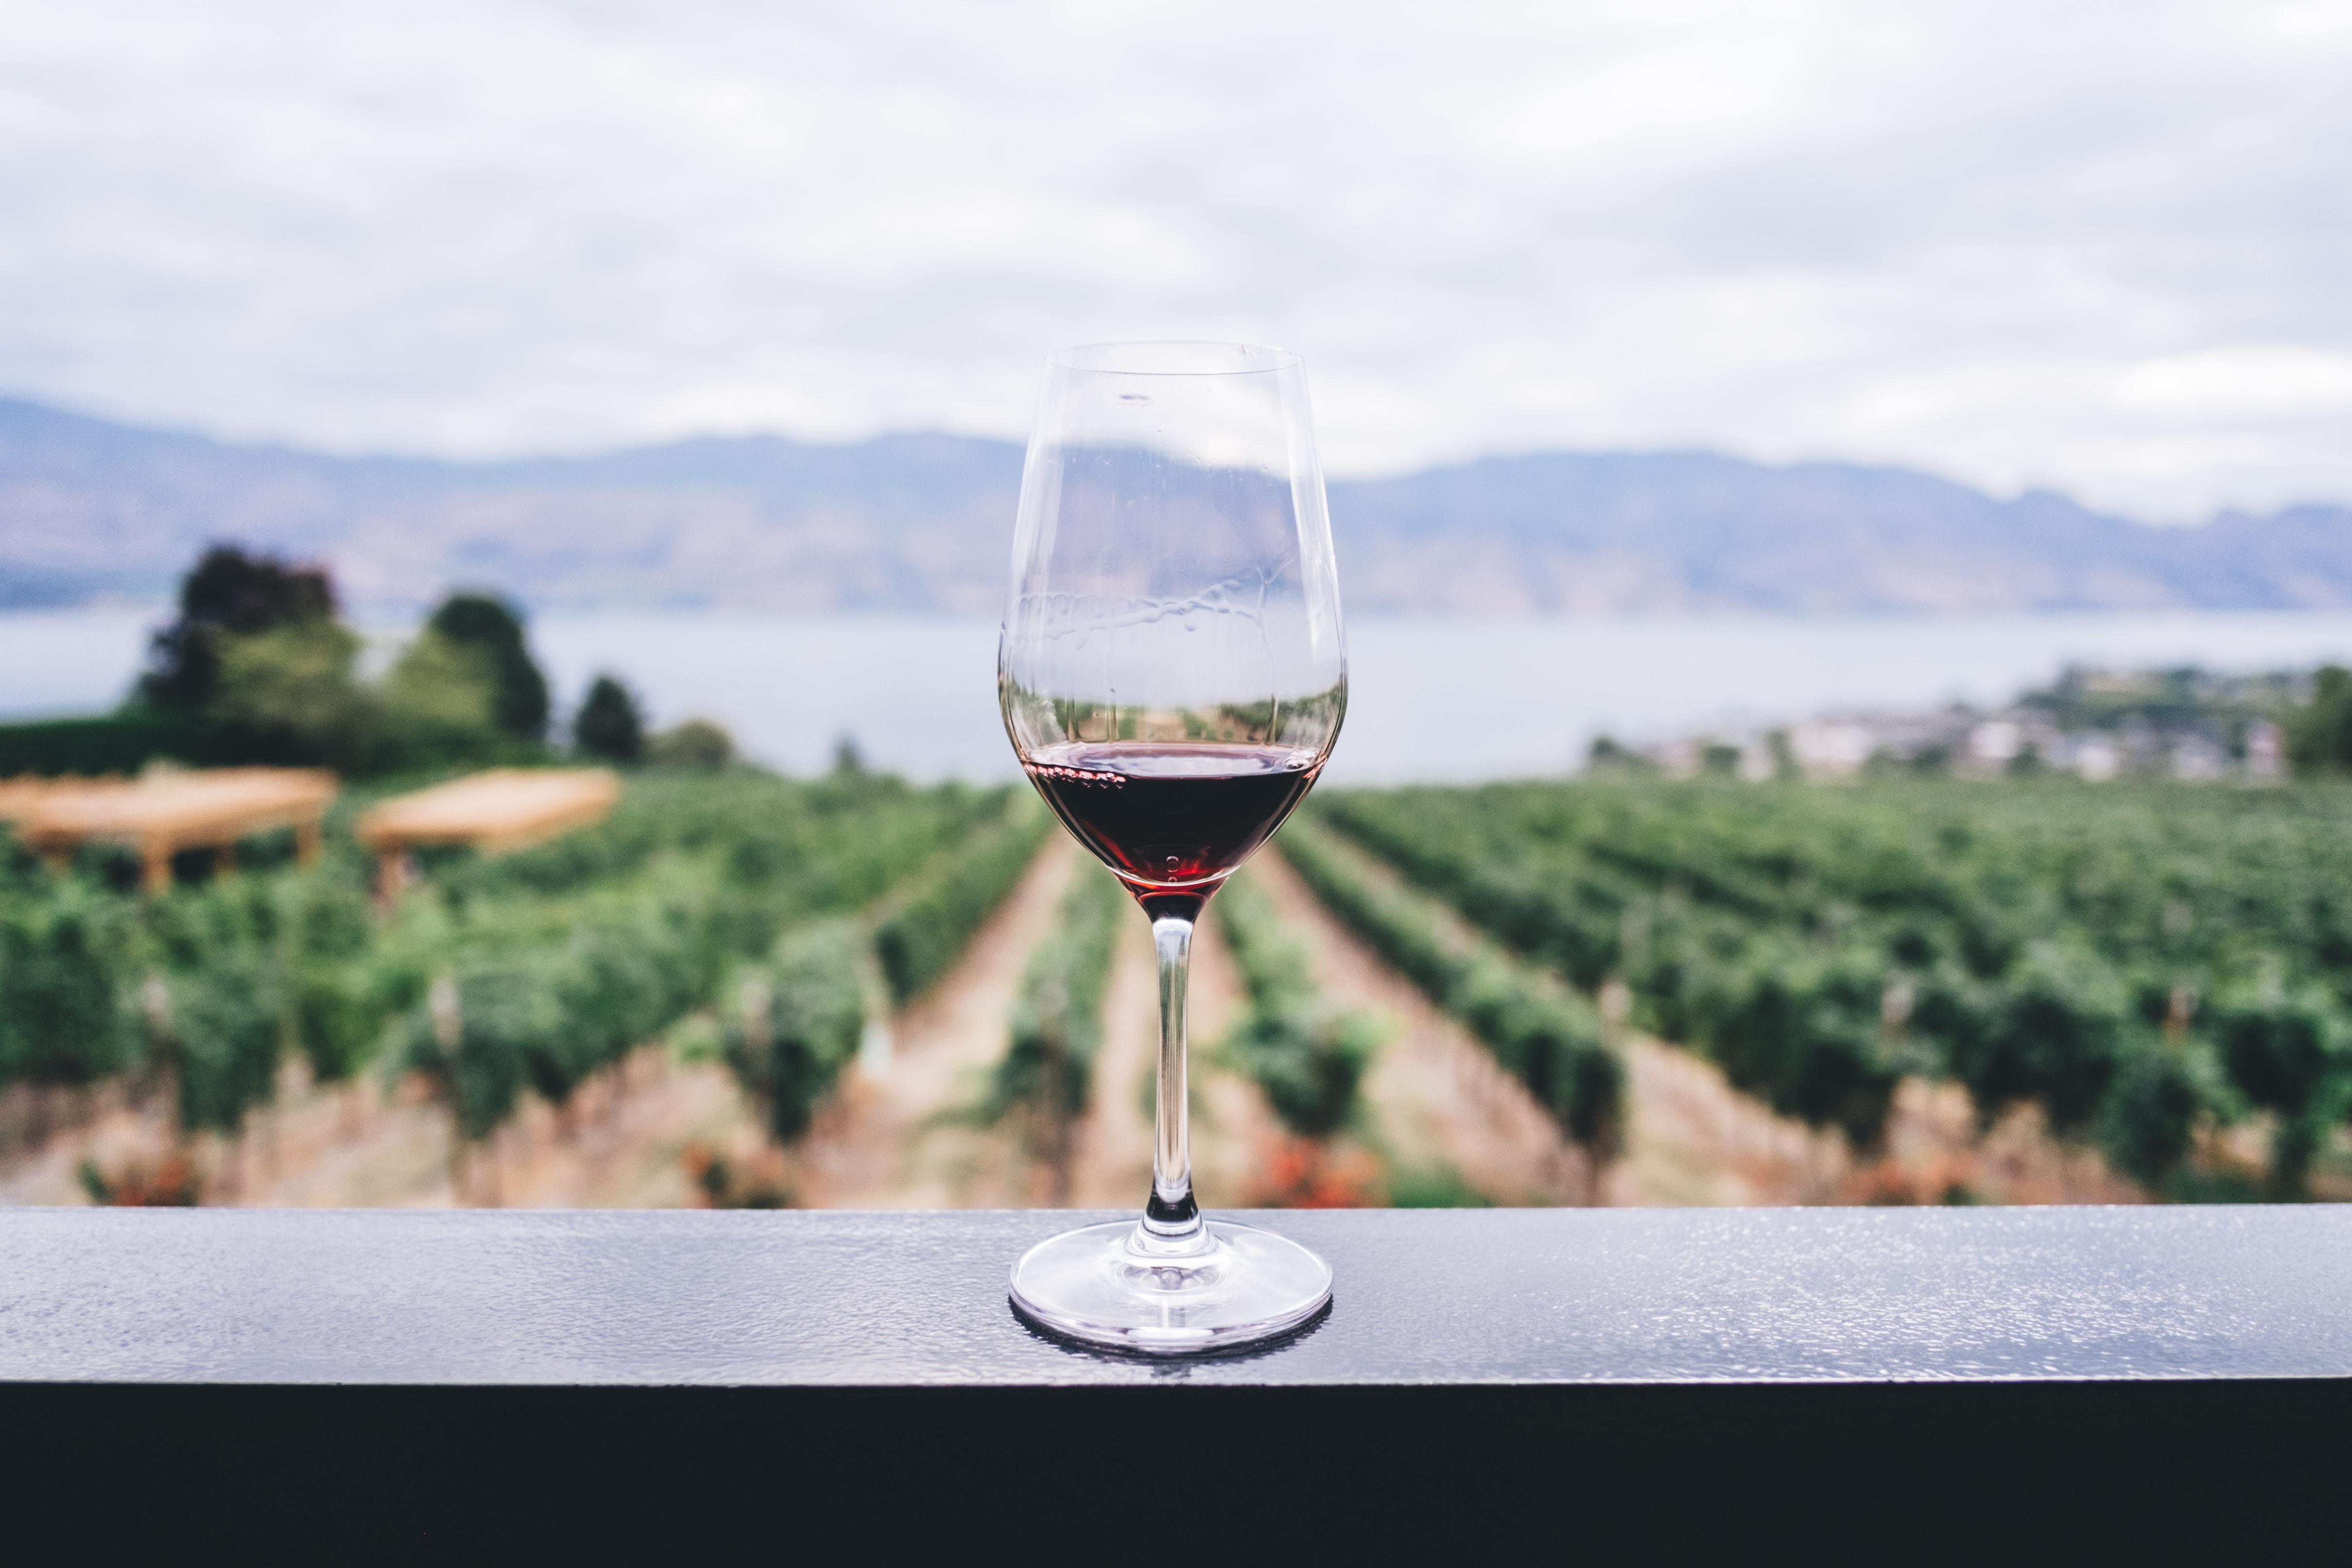 Goûter aux saveurs du terroir grâce aux vins biodynamiques